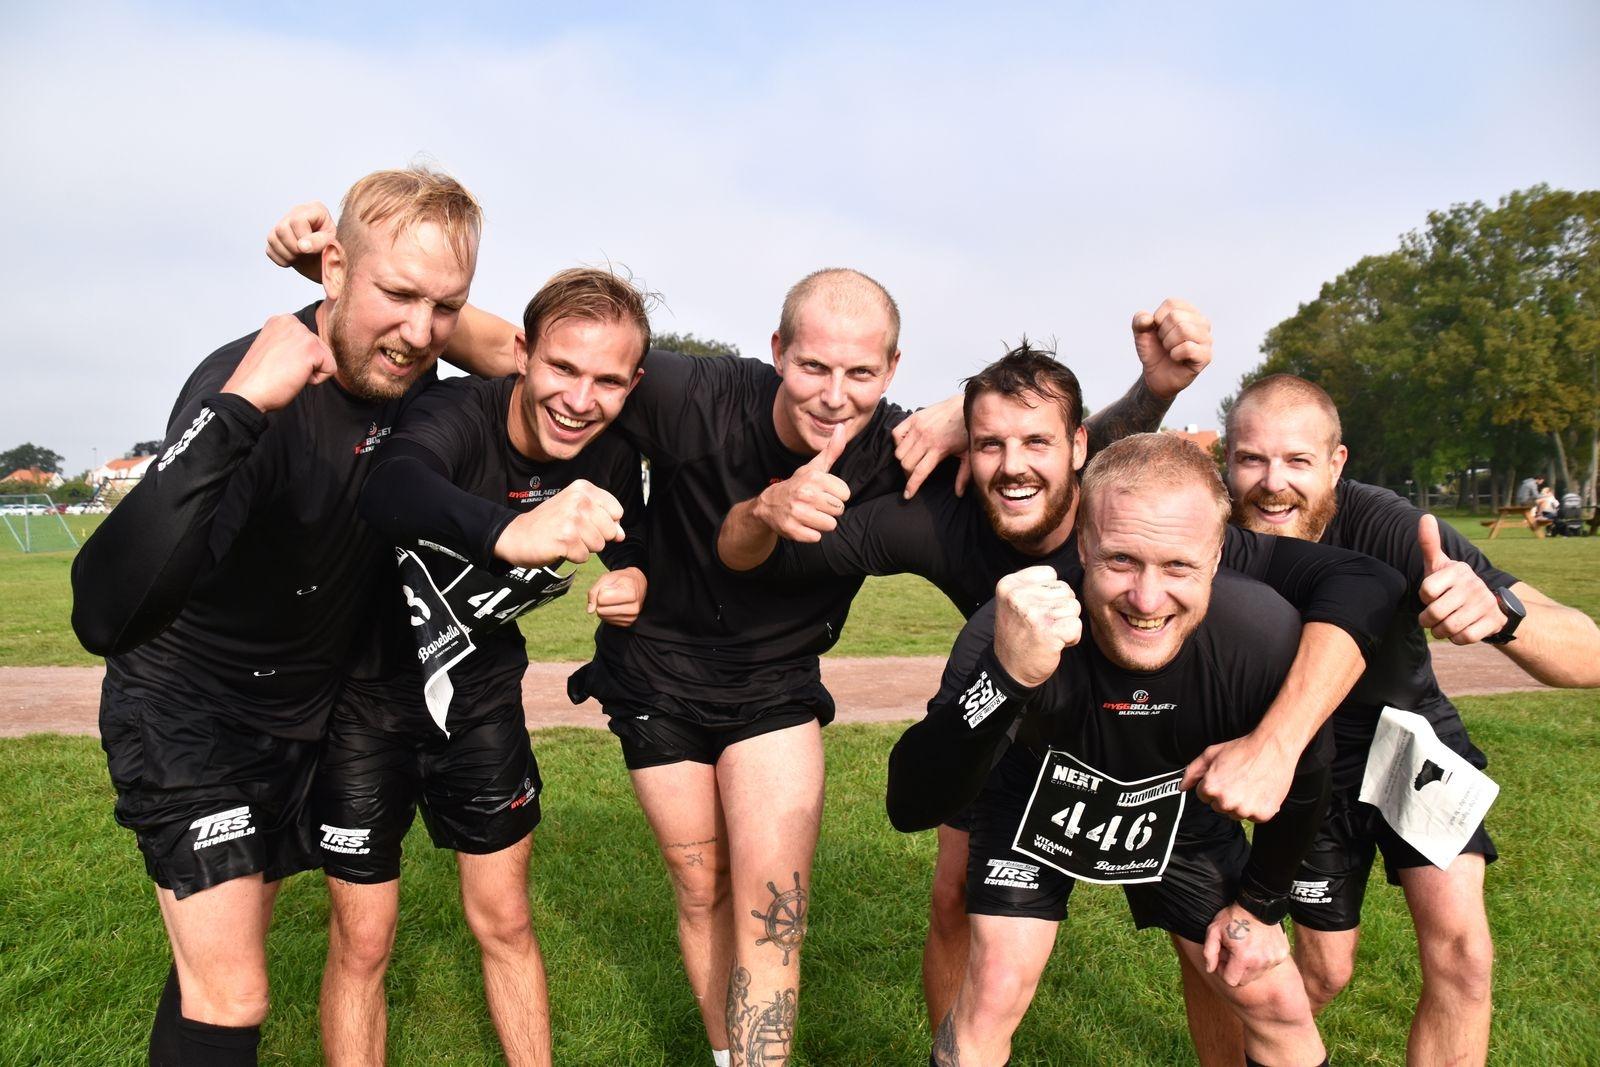 Team Byggbolaget visade mod och kampvilja under tävlingen.